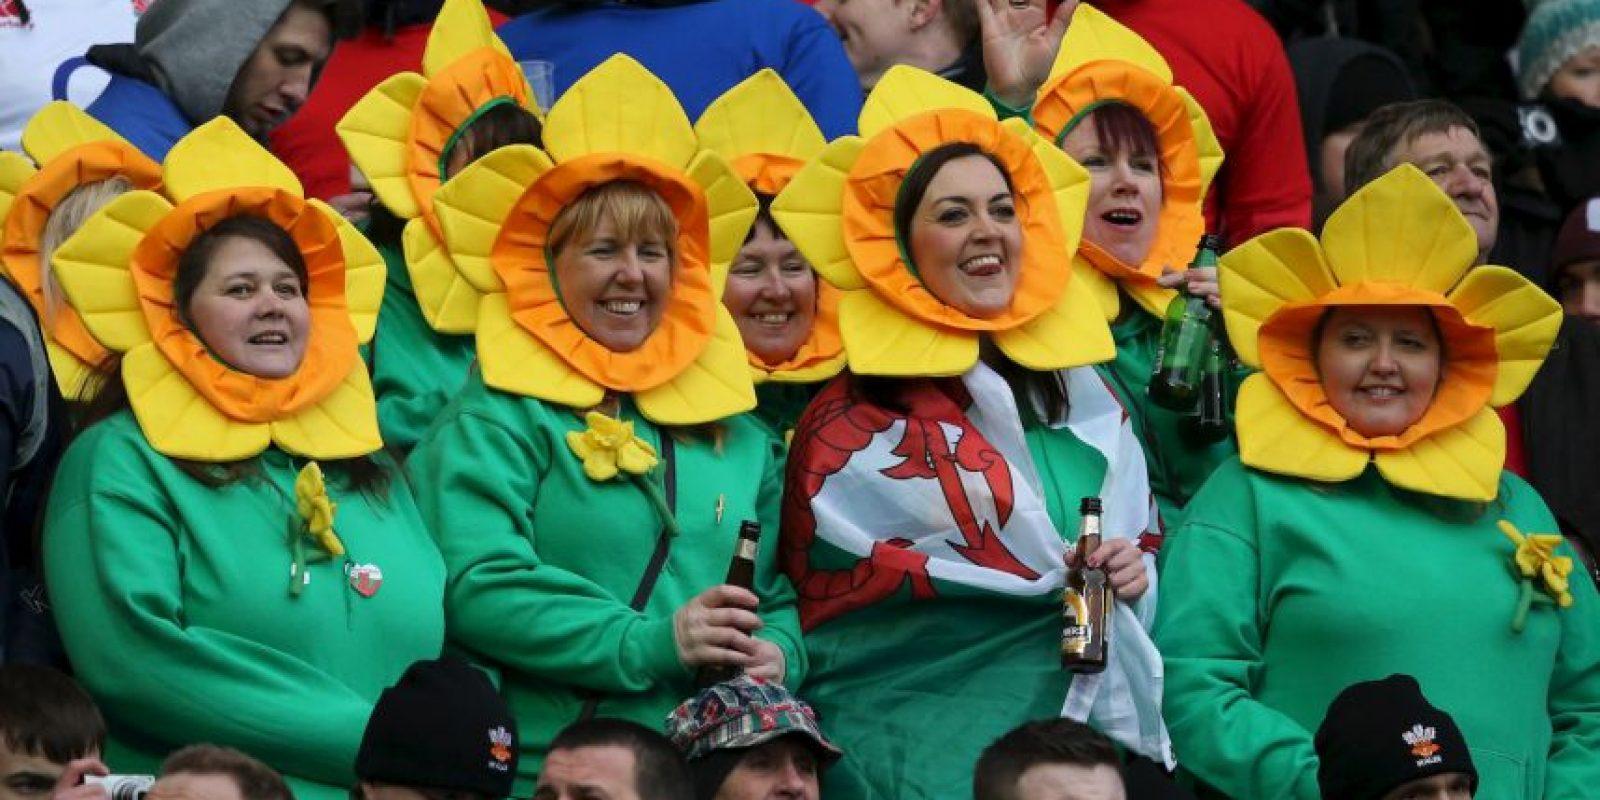 Los seguidores del rugby buscan la originalidad y se llegan a disfrazar para no pasar desapercibidos y mostrarle el apoyo a su equipo. Foto:Getty Images